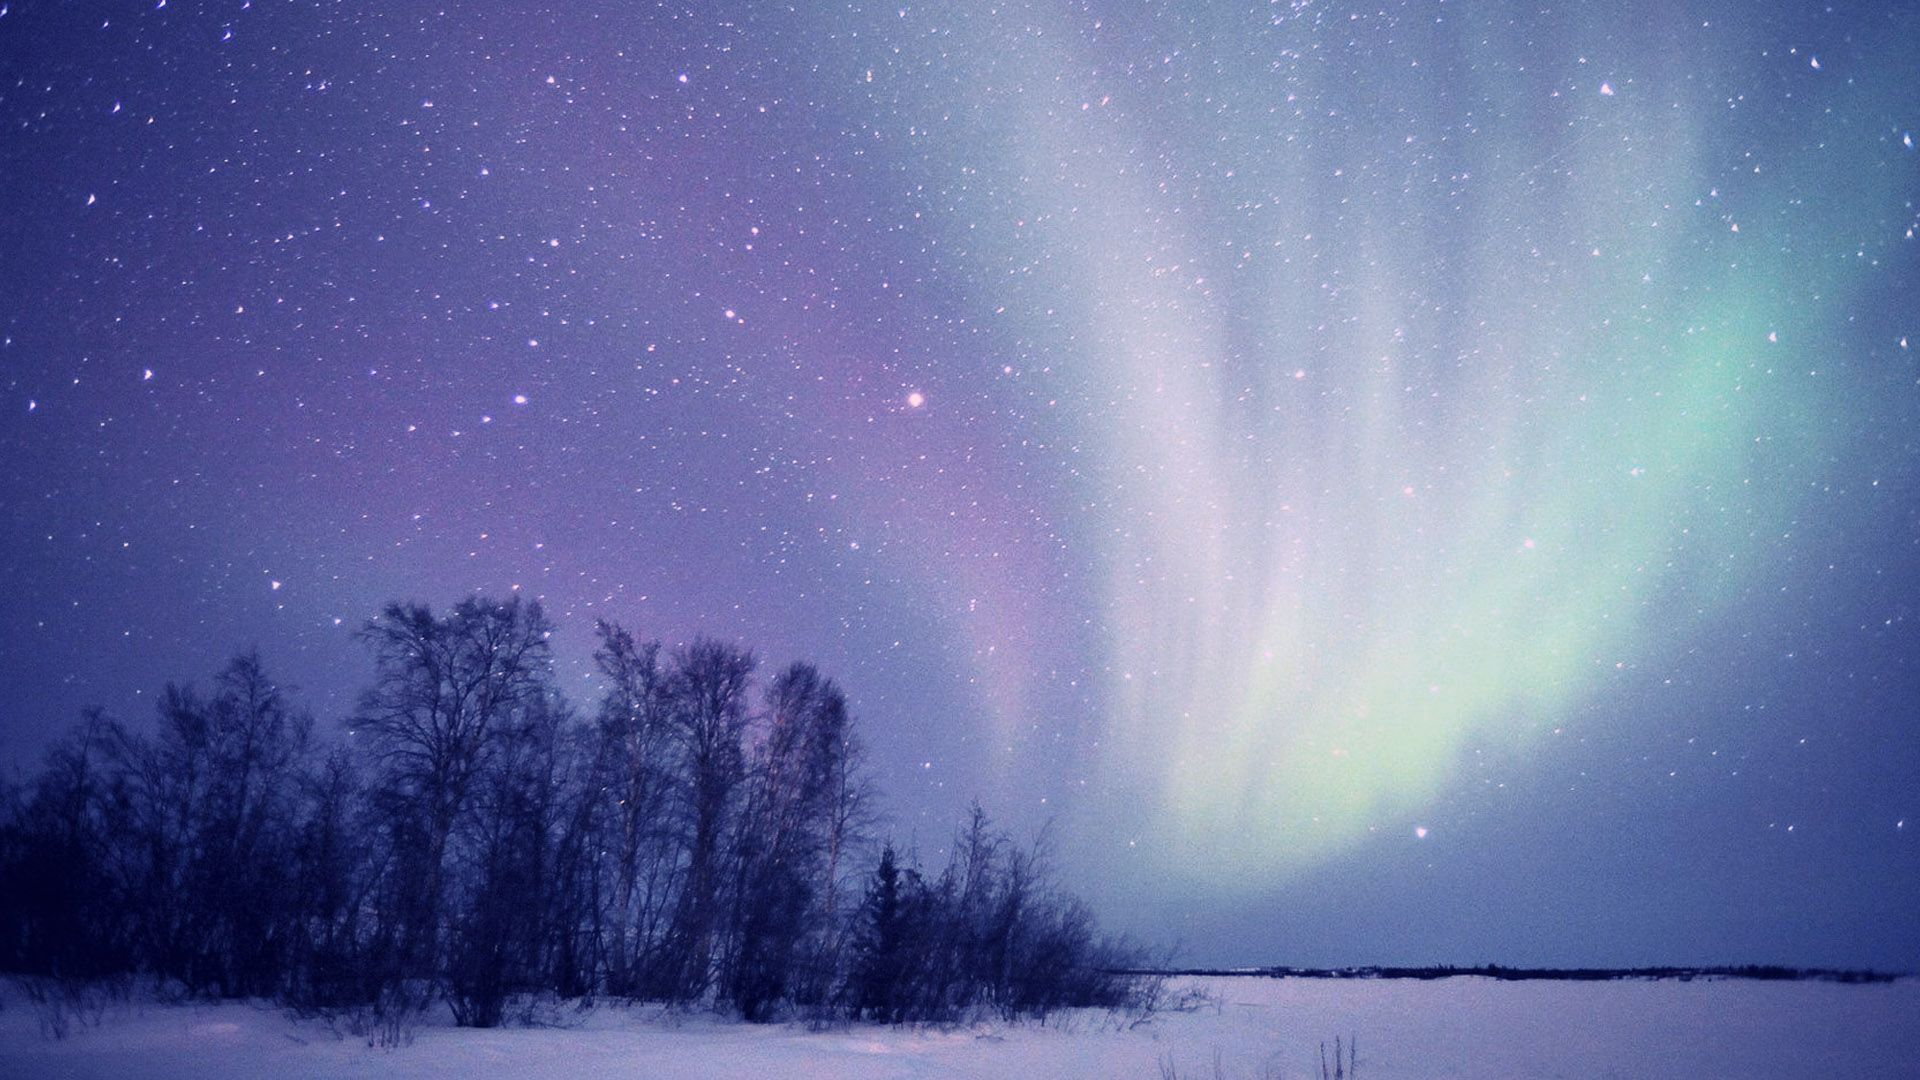 Aurora-Borealis-HD-Wallpaper-Android